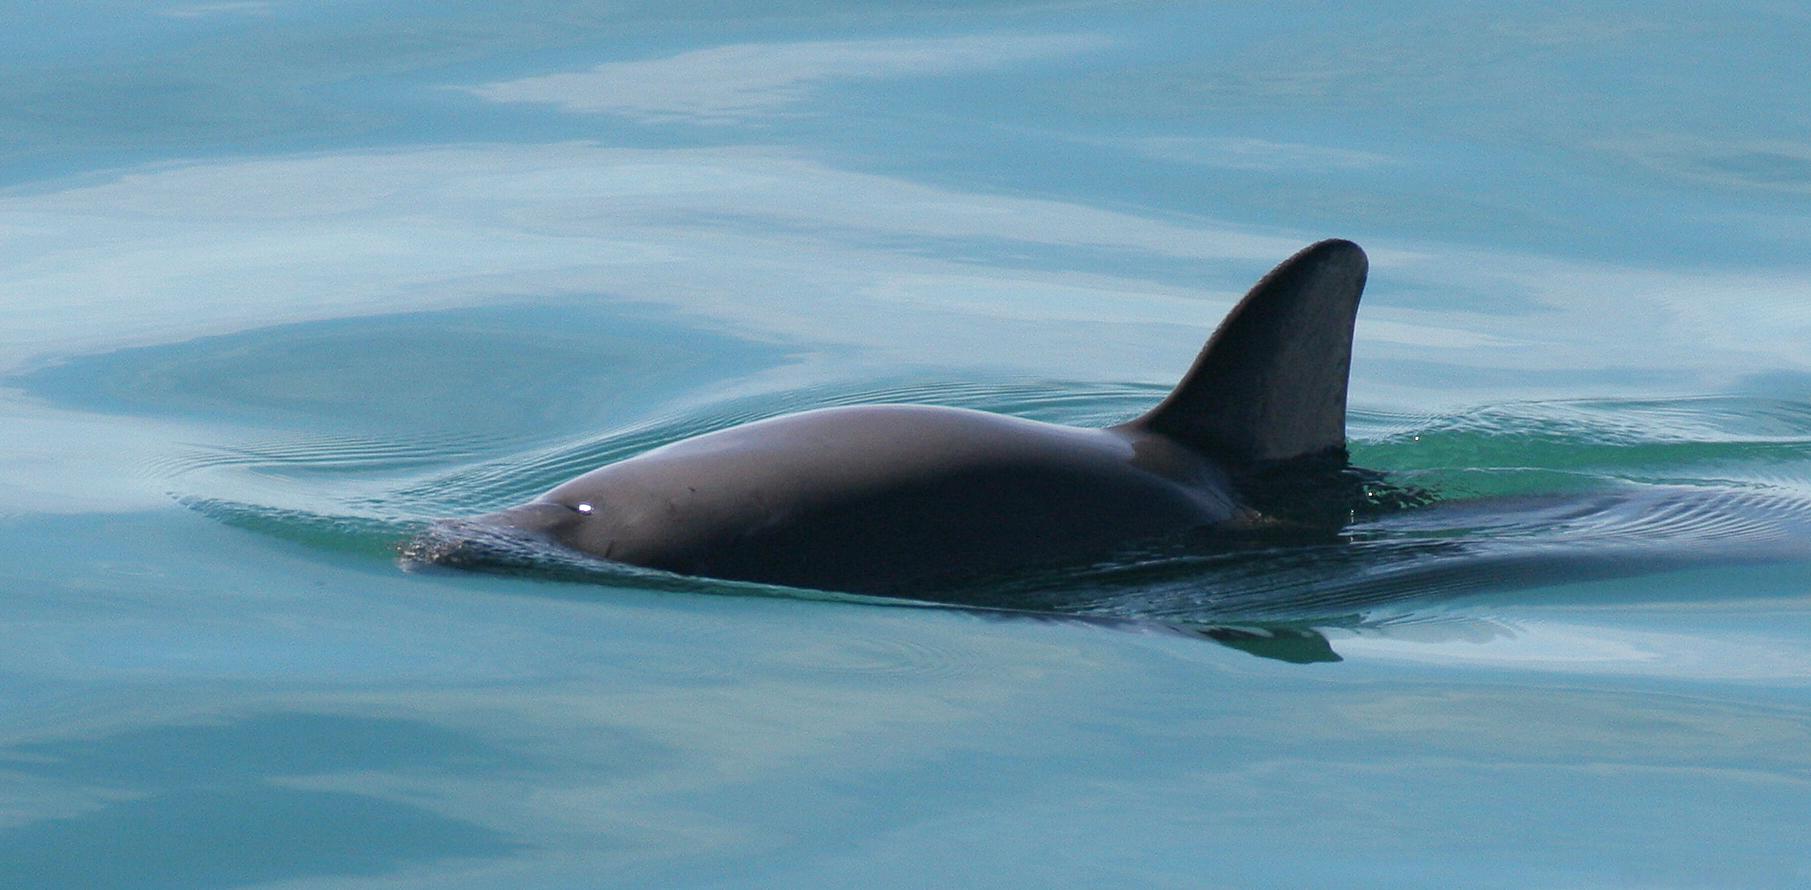 vaquita species in danger